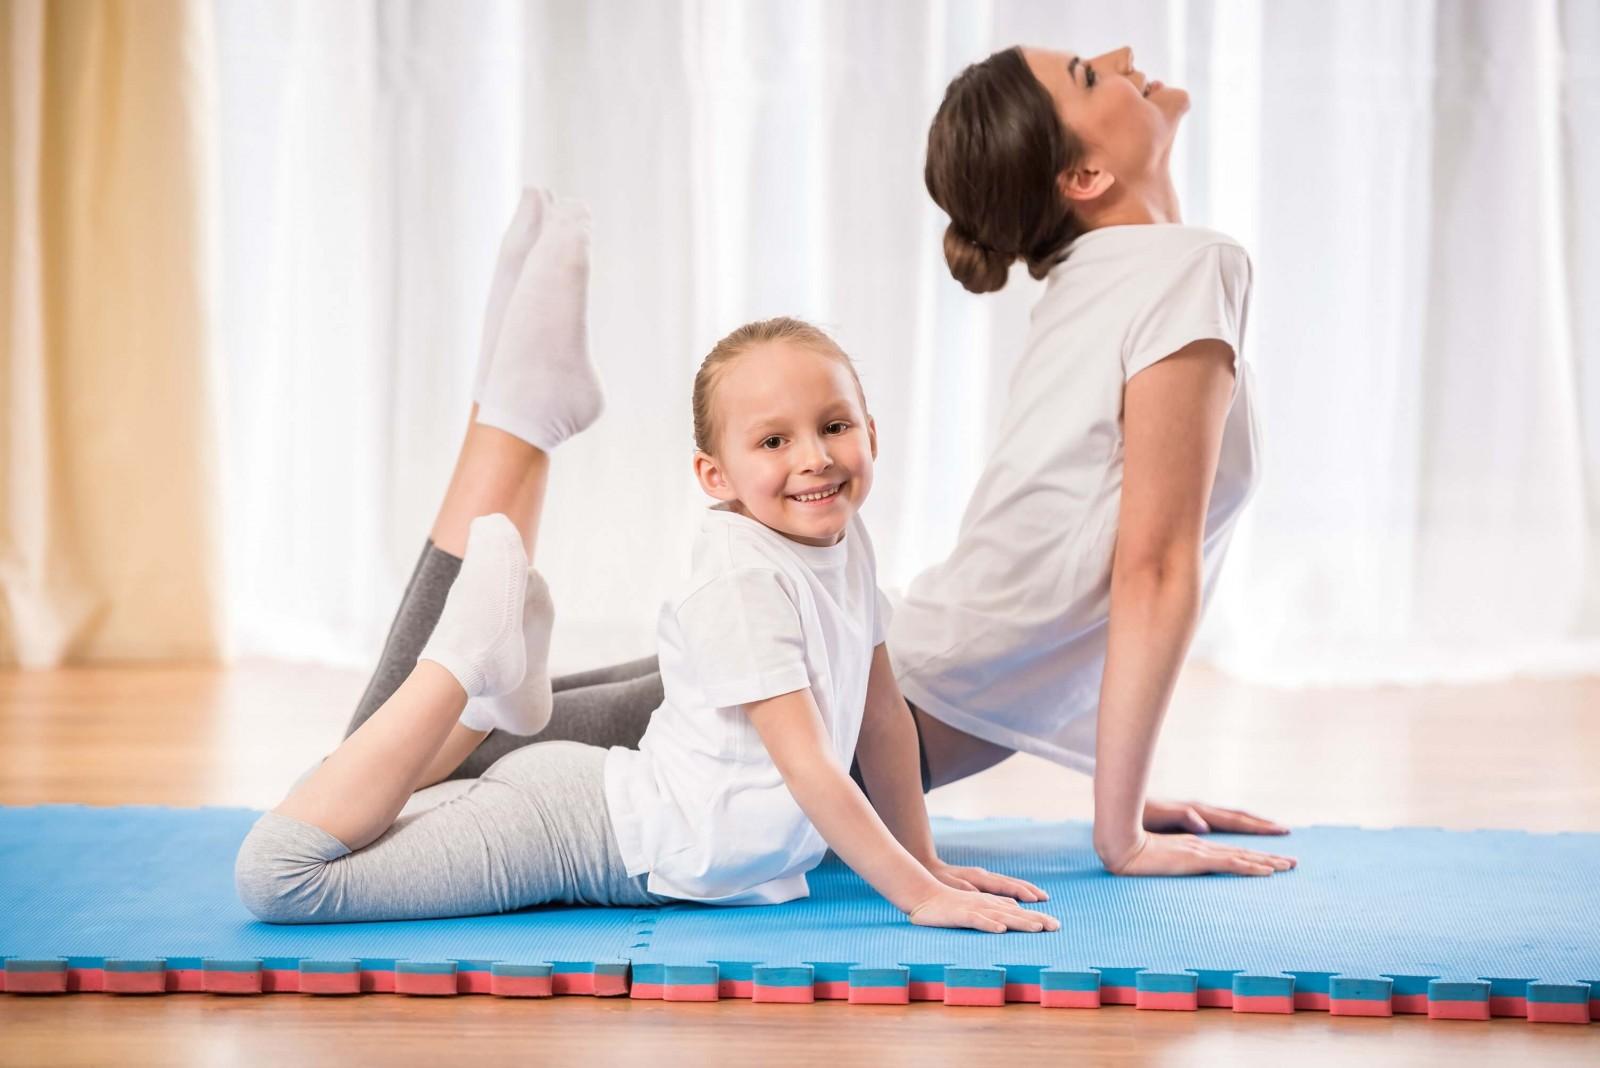 Йога для дітей - в чому користь?